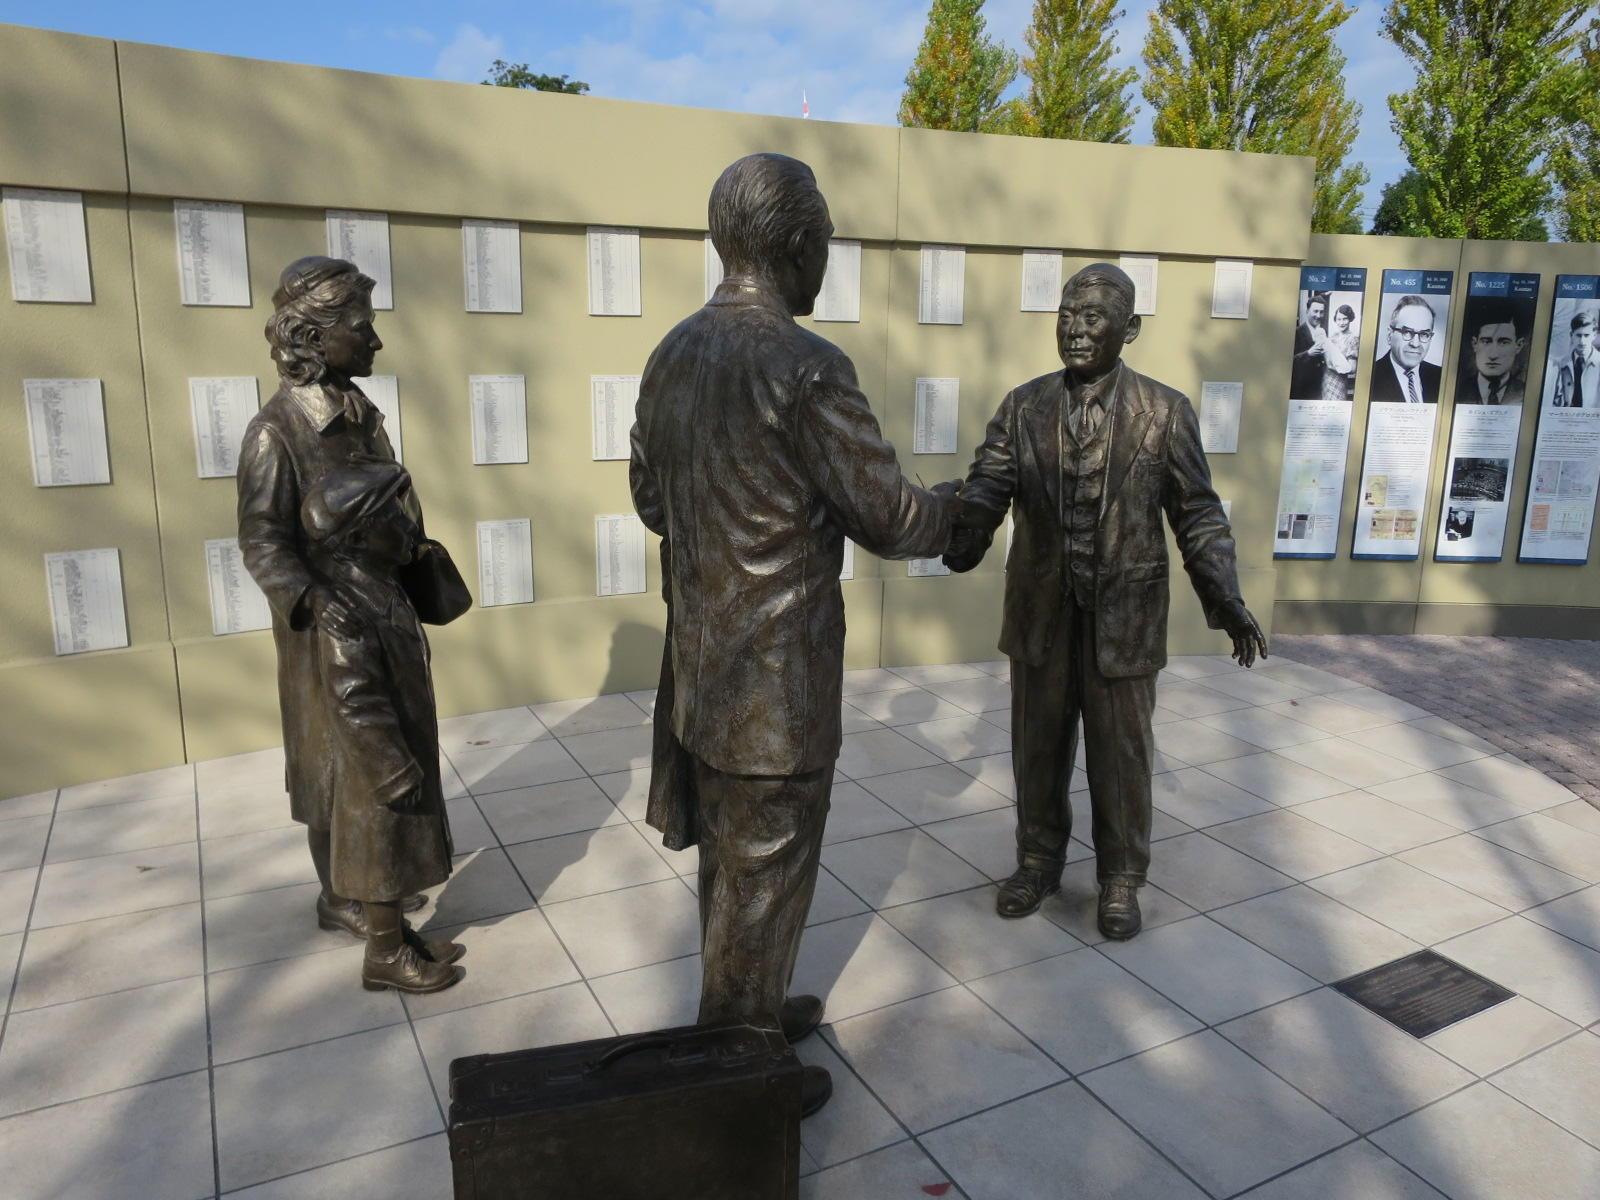 杉原の母校、名古屋市の旧制第五中学校(現愛知県立瑞陵高校)前に愛知県が整備した「杉原千畝広場 センポ・スギハラ・メモリアル」